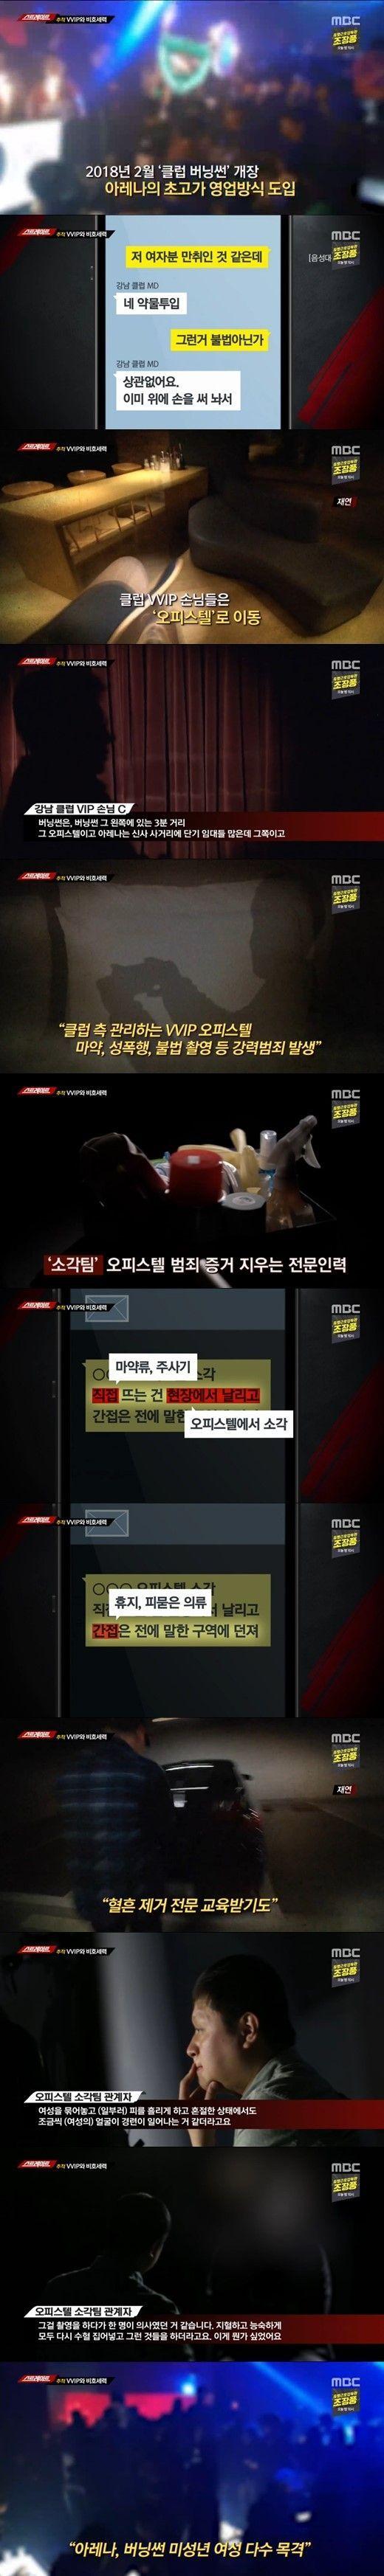 """""""의사 동반해 피흘리는 女 촬영…소각팀 운영"""" 클럽 VVIP 실체 폭로"""